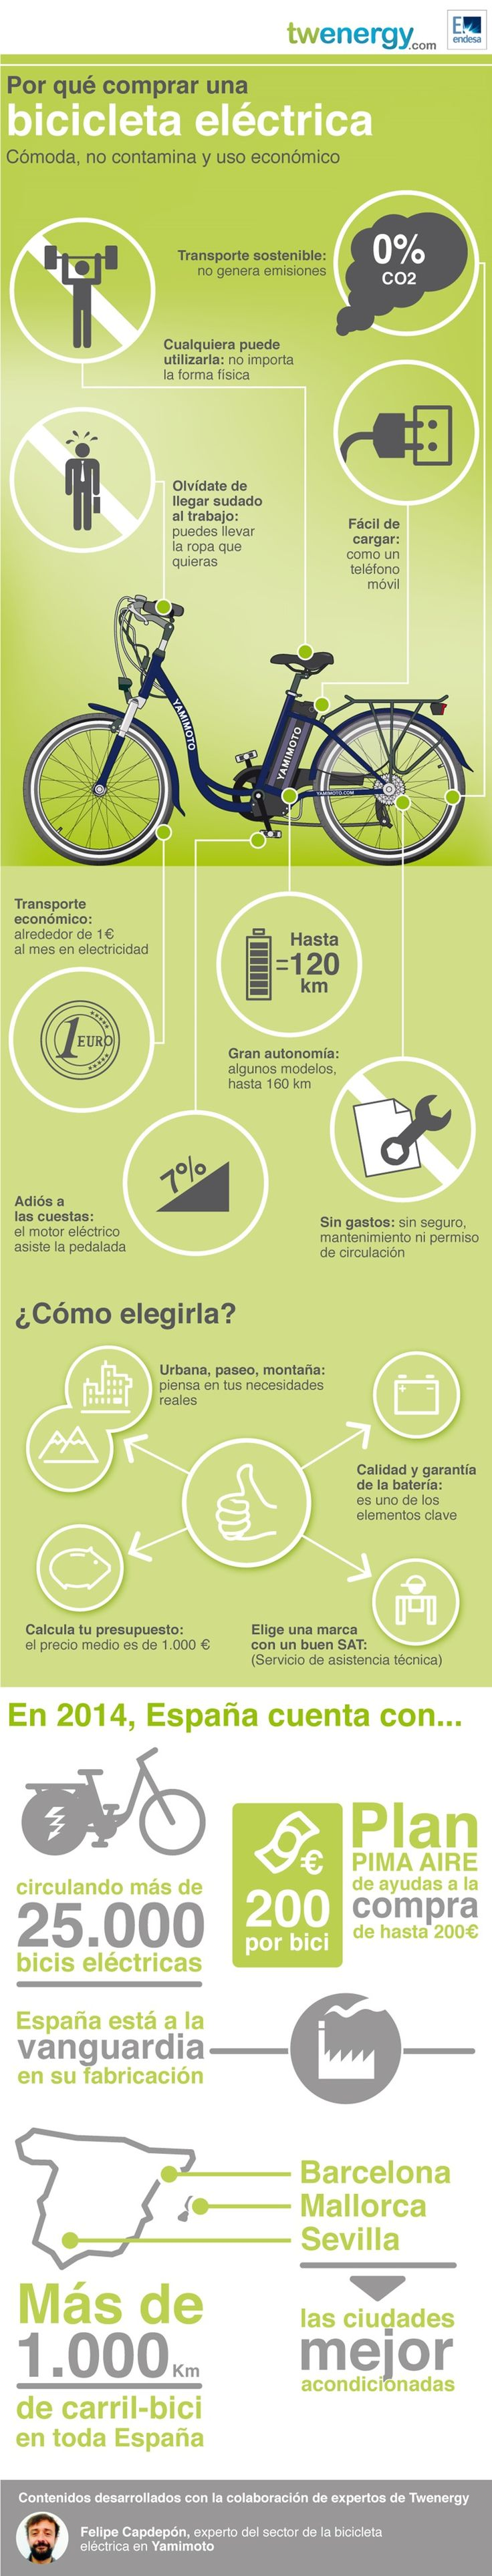 Por qué comprar una #bicicleta #eléctrica. Comoda, no contamina y uso económico || #Infografía